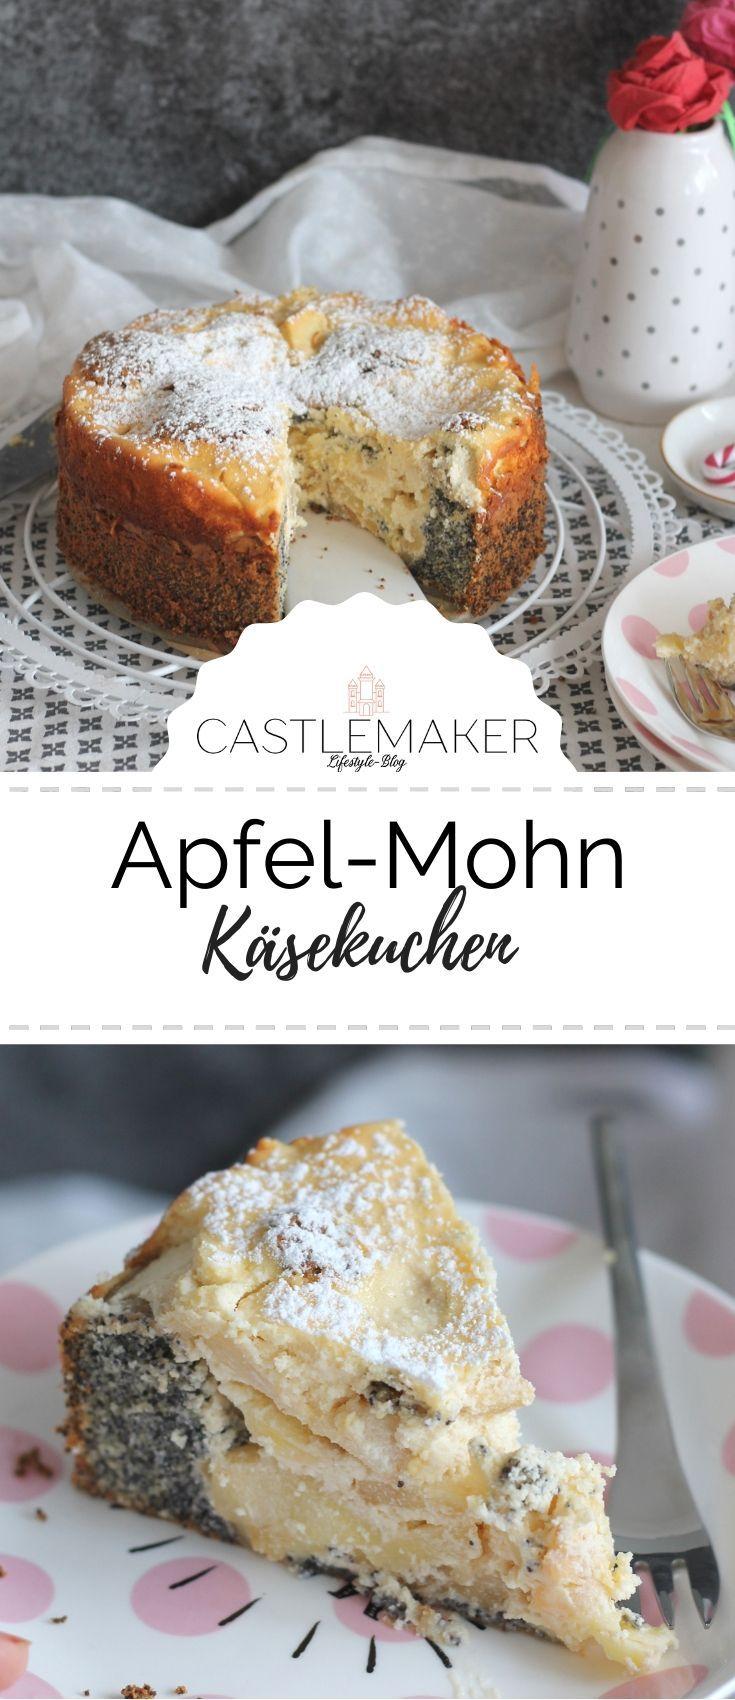 Dieser außergewöhnliche Käsekuchen mit Mohn besteht aus zwei Schichten, die ineinanderlaufen und so ein tolles Muster beim Anschnitt ergeben. Der Apfel-Mohn-Käsekuchen geht einfach und bringt Abwechslung auf die Kaffeetafel. Das Rezept für den Mohnkuchen mit Quark & Äpfeln ist auf www.castlemaker.de   #mohnkuchen #apfelkuchen #käsekuchen #rezept #castlemaker